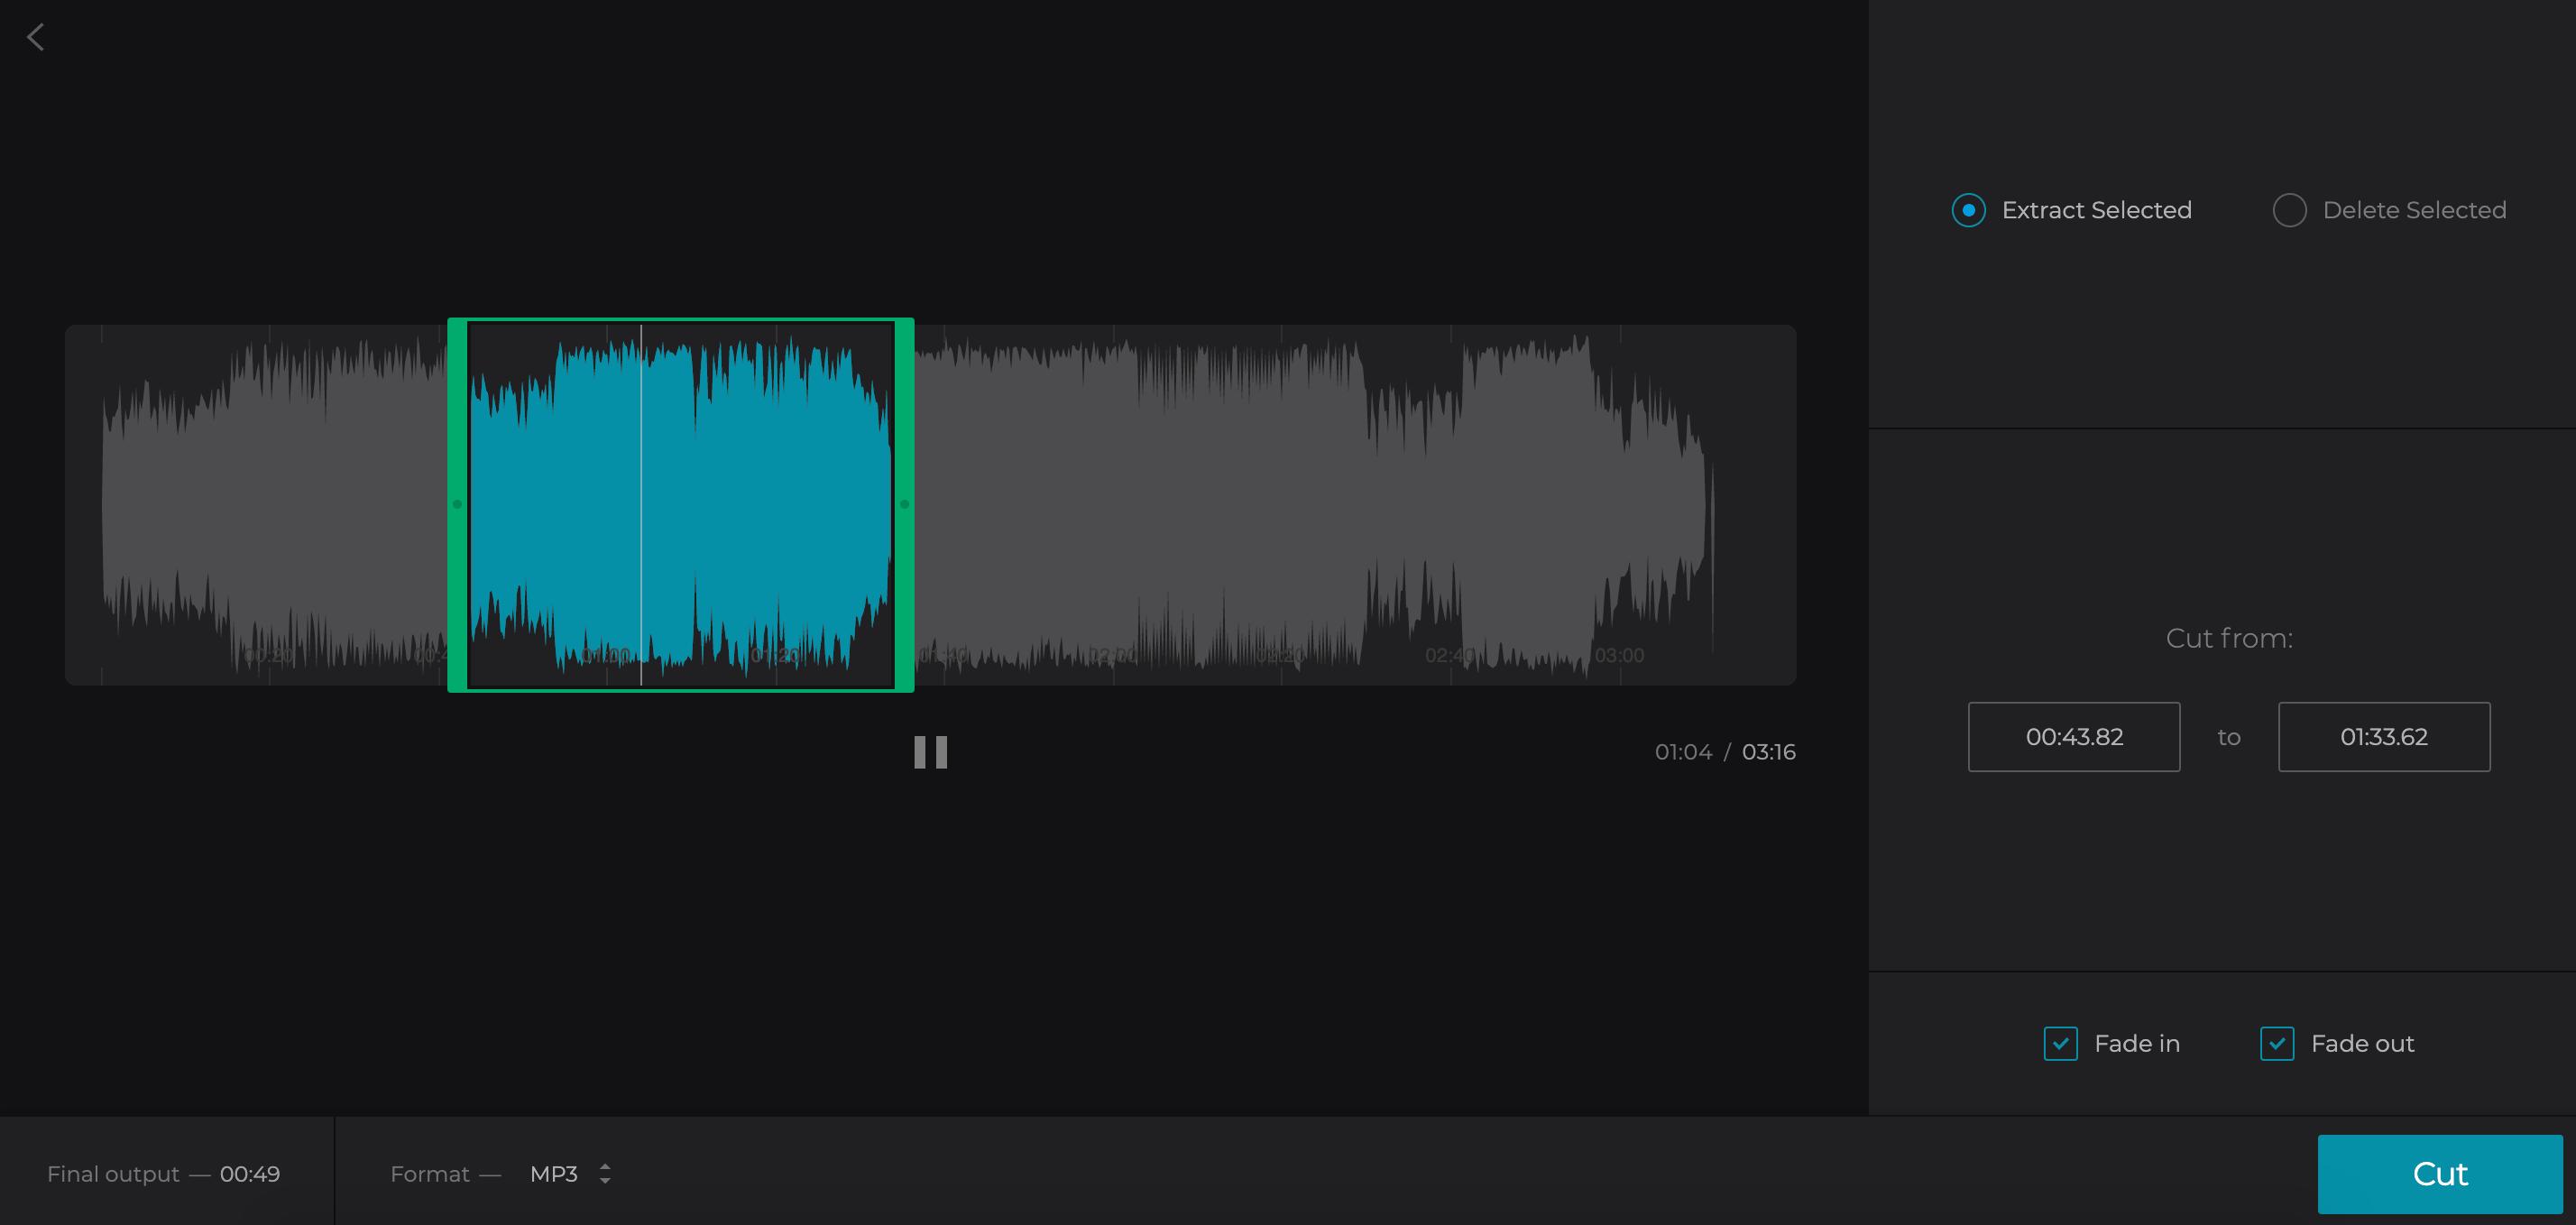 Trim audio in the iPhone ringtone maker